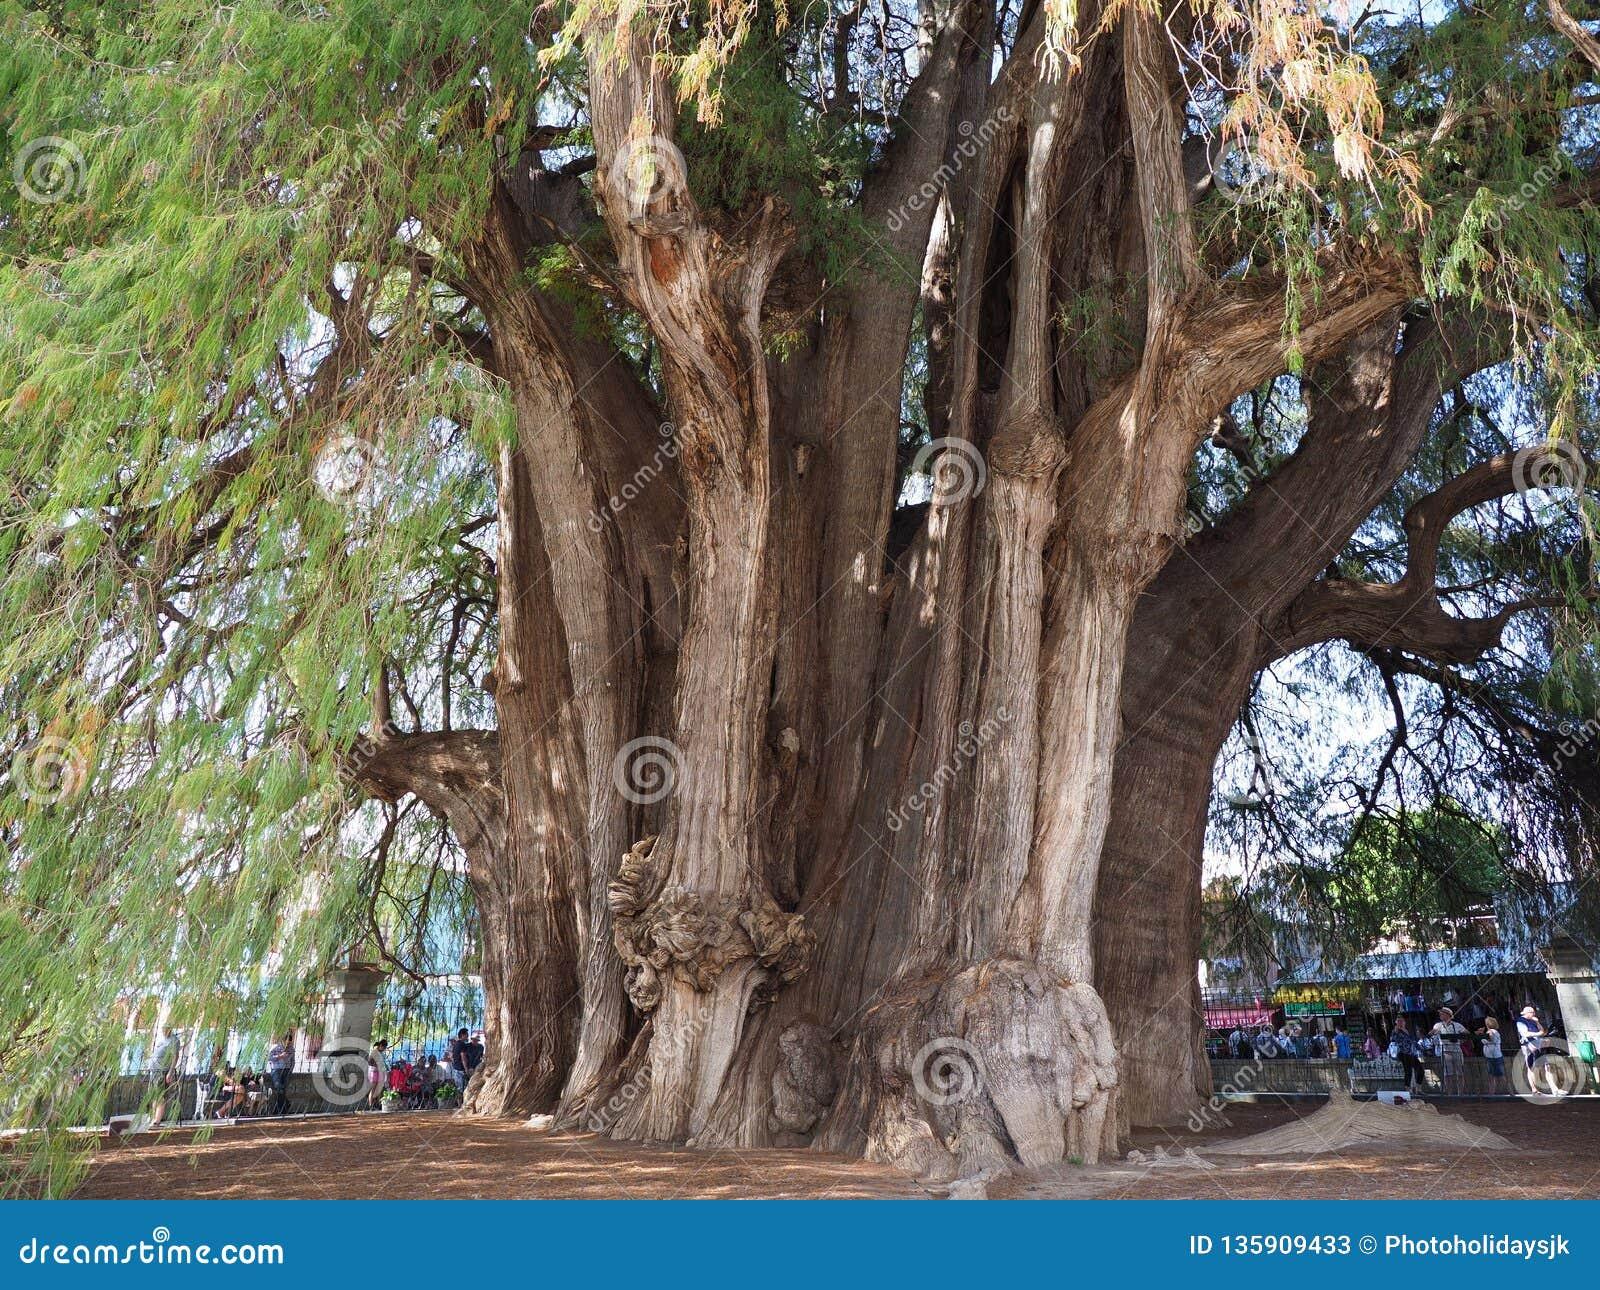 Vista do tronco o mais robusto do mundo da árvore de cipreste monumental de Montezuma na cidade de Santa Maria del Tule em México